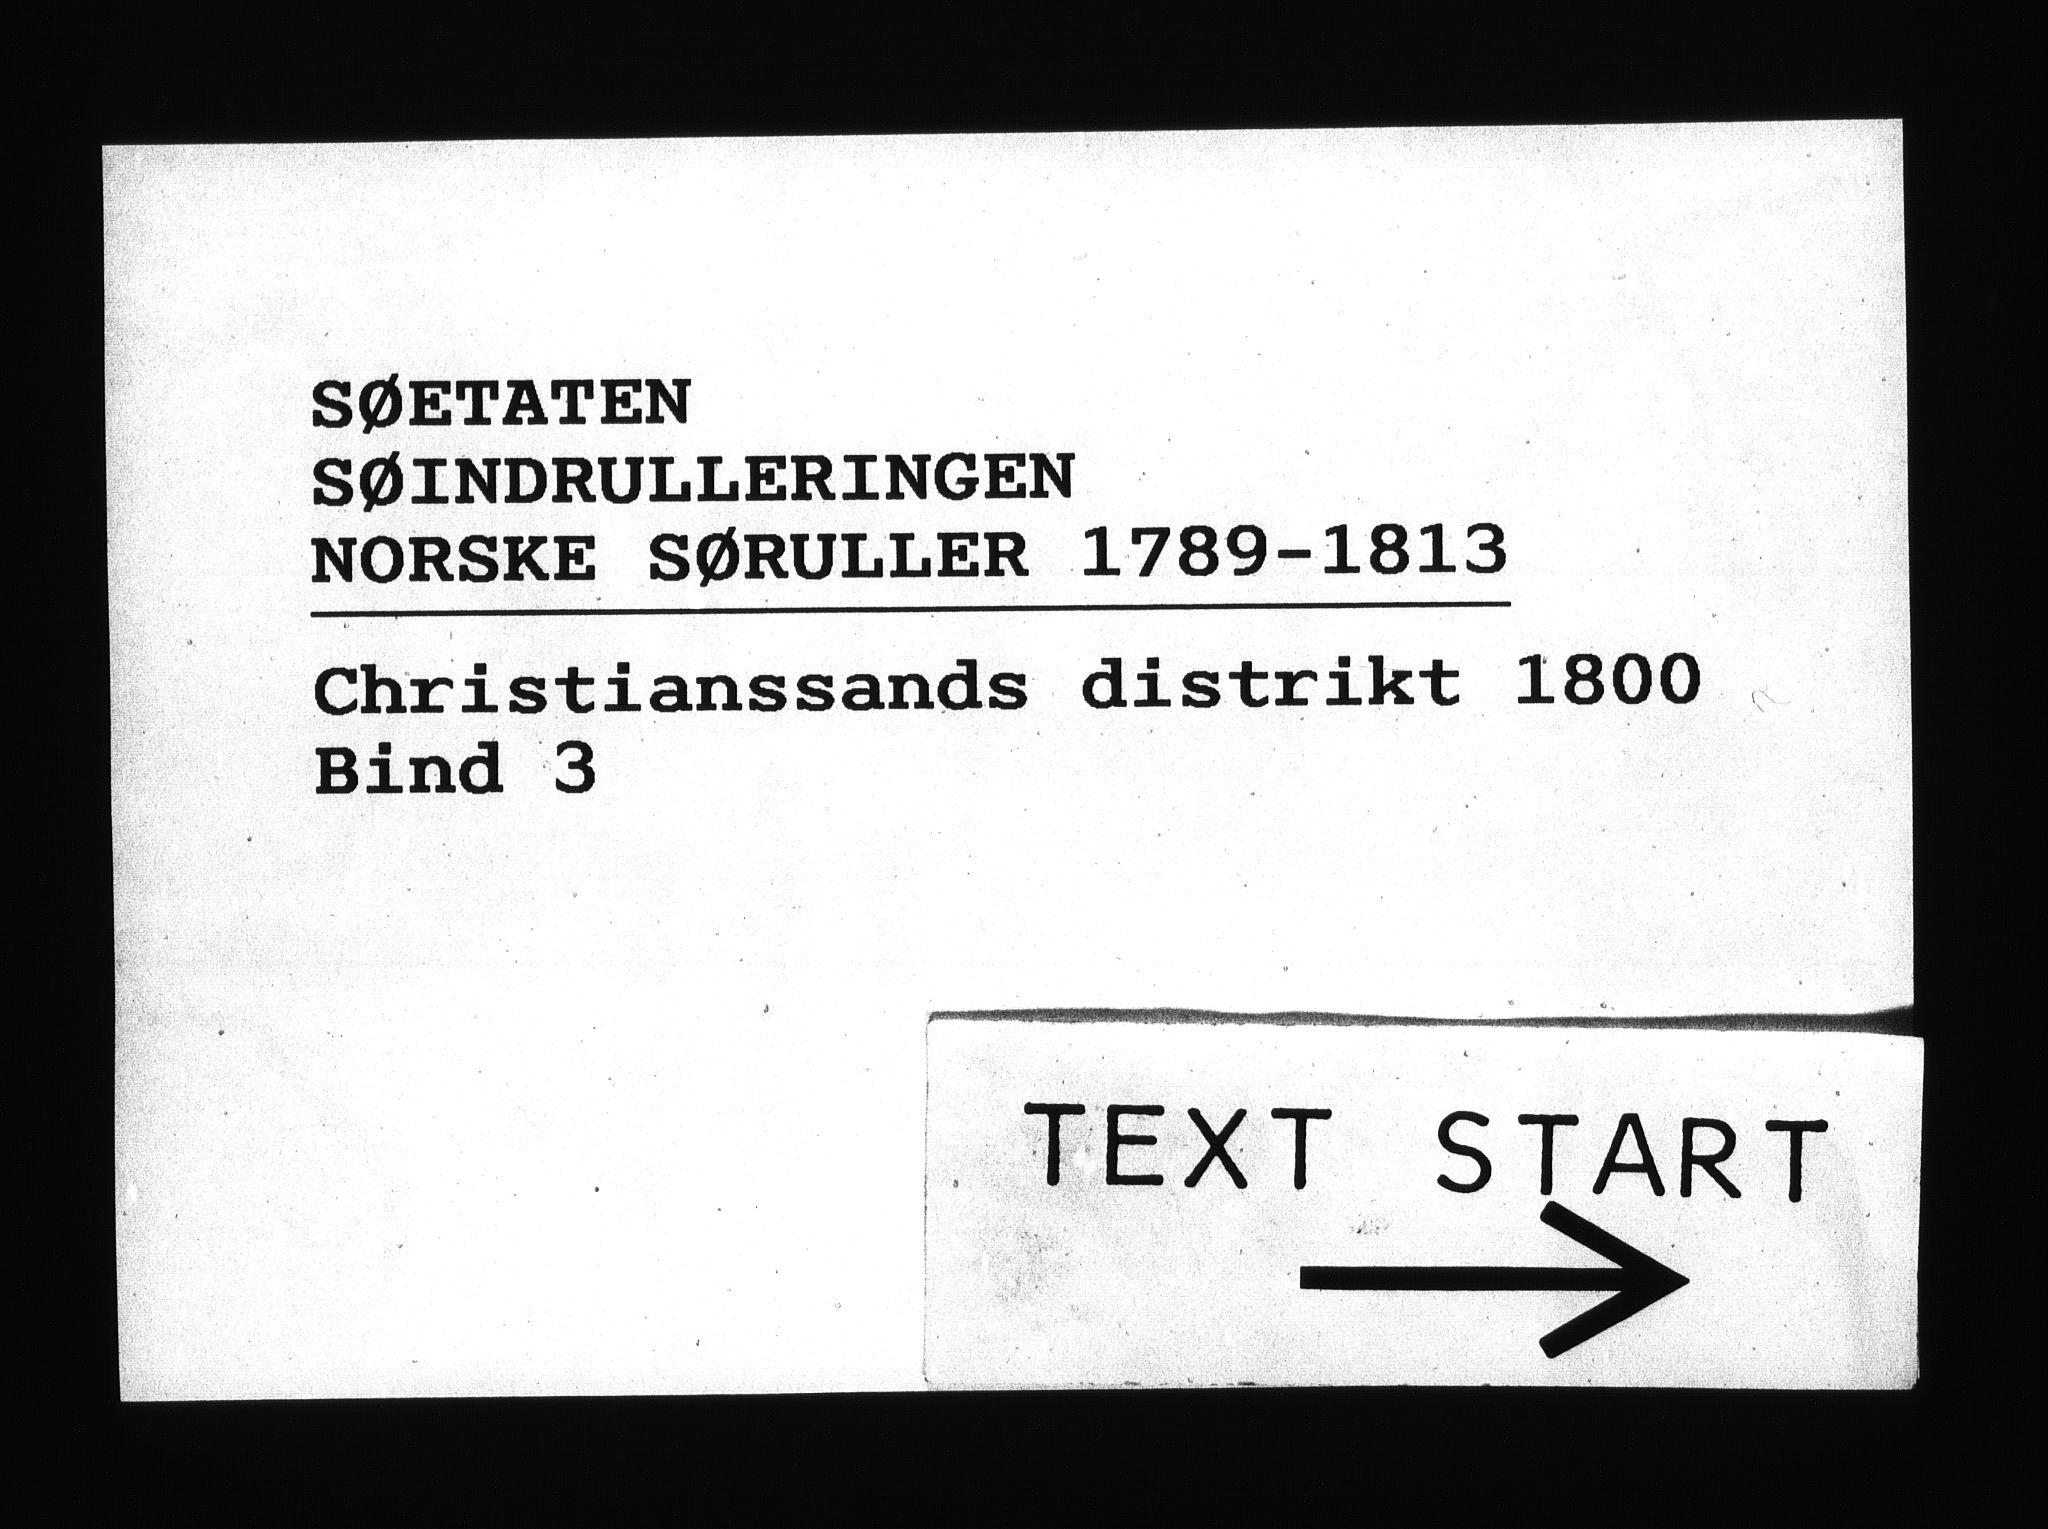 RA, Sjøetaten, F/L0038: Kristiansand distrikt, bind 3, 1800